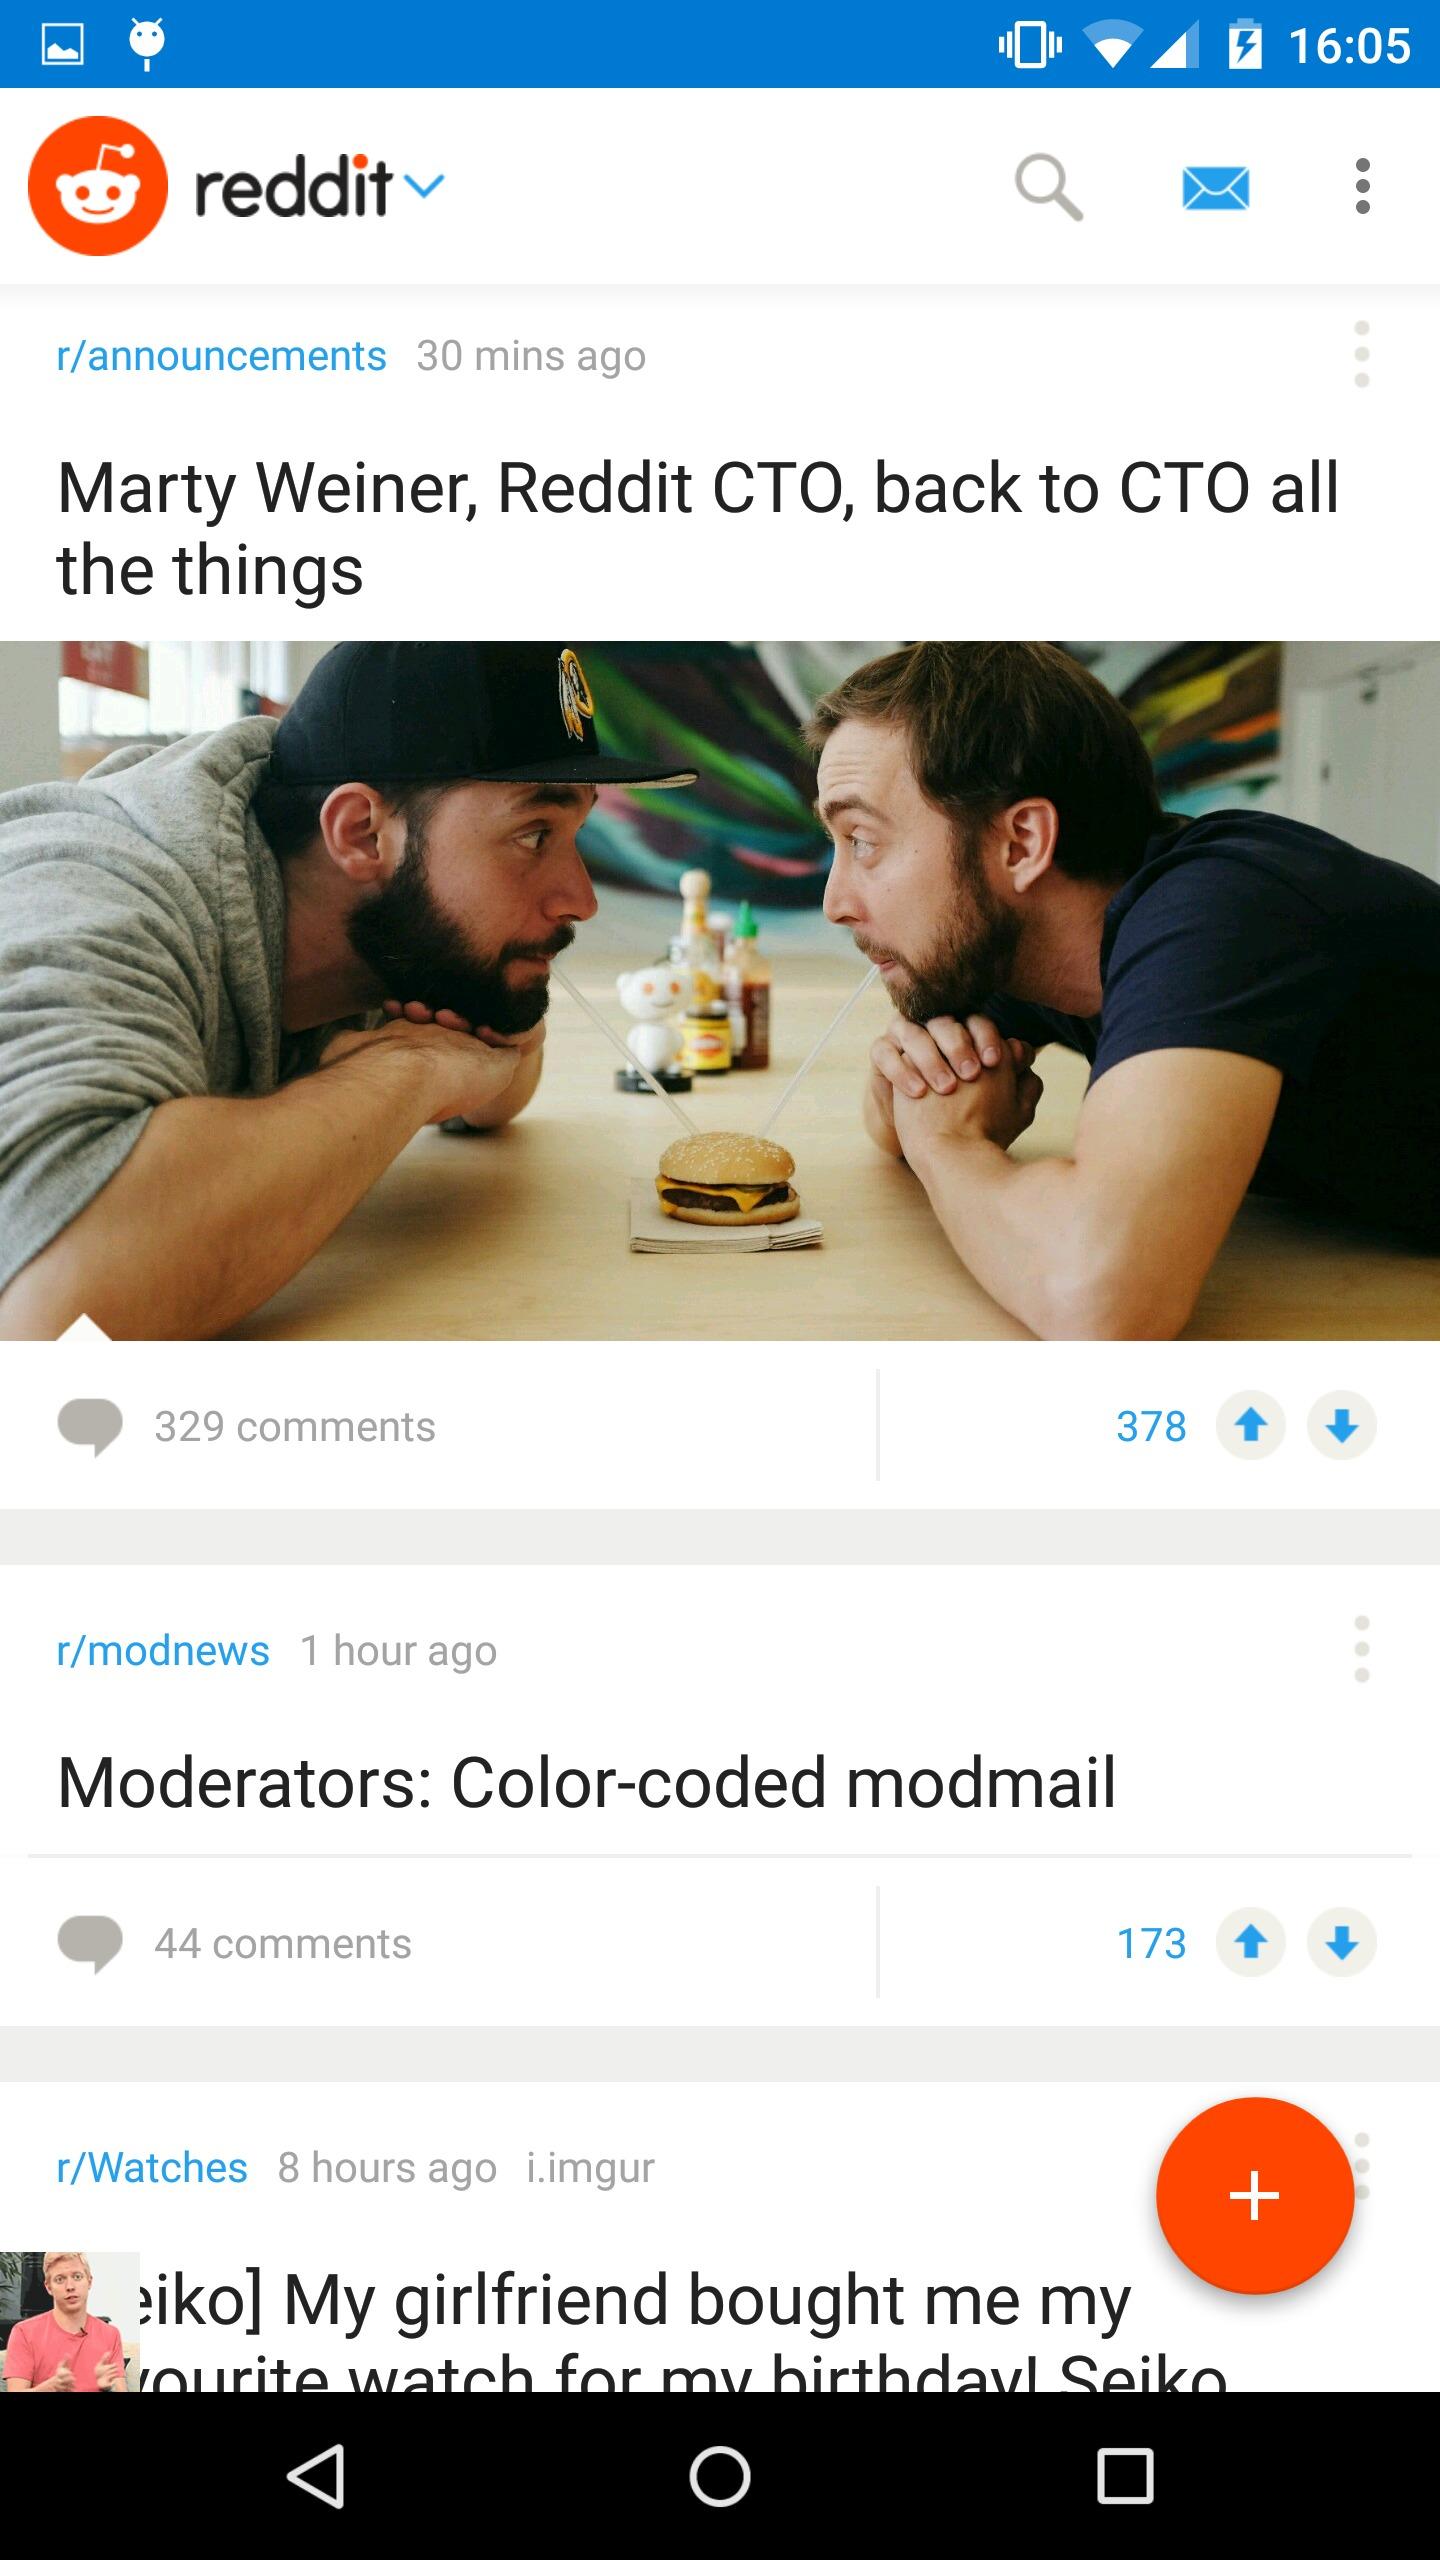 Slik ser Reddit ut på Android.